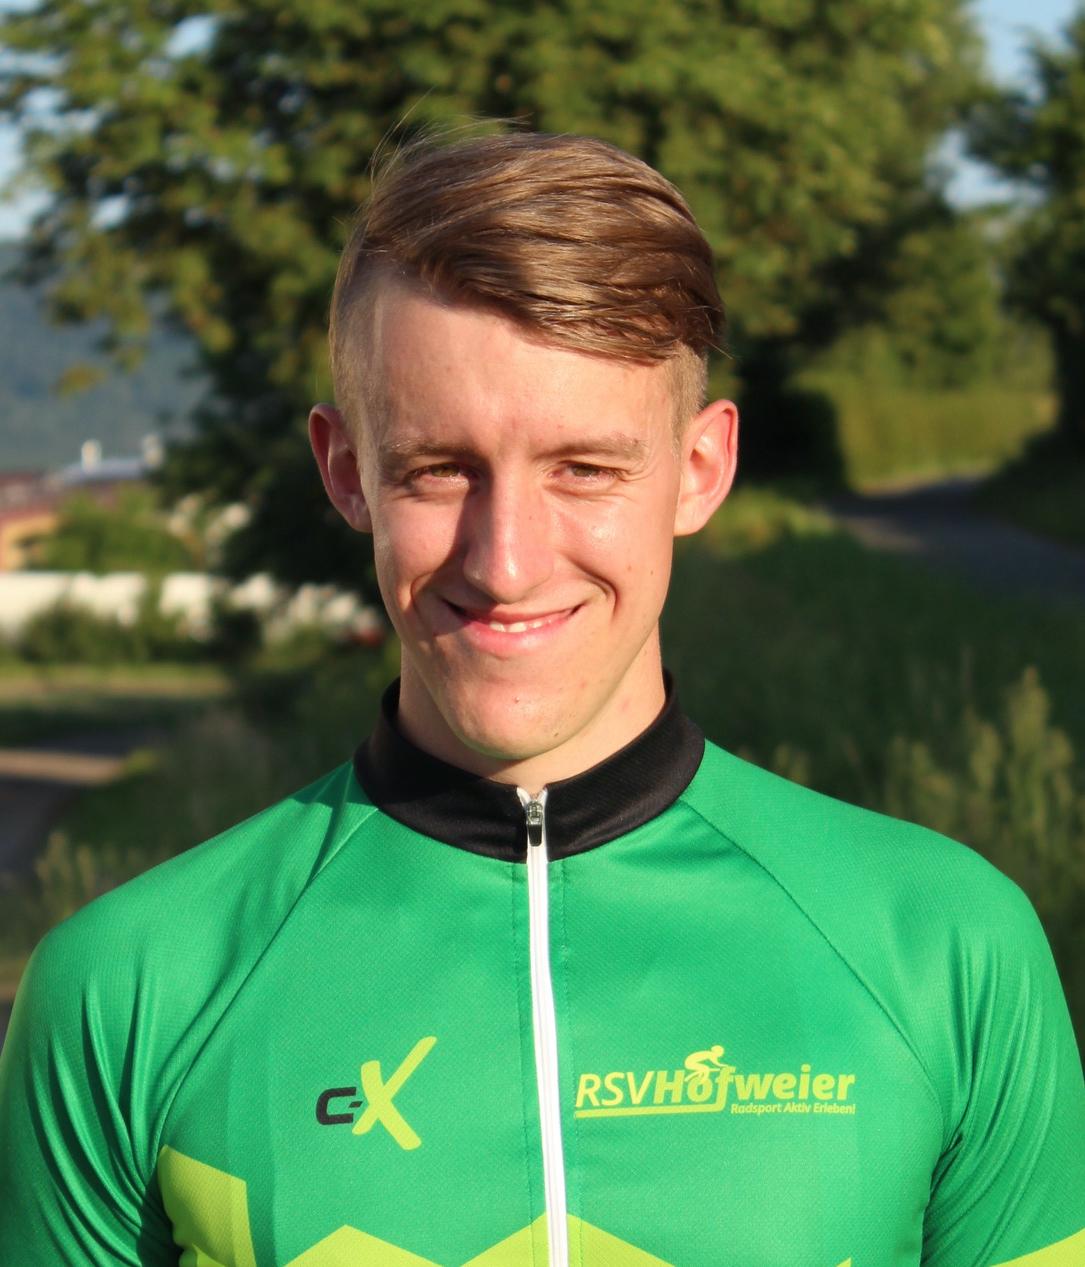 Max Rottenecker